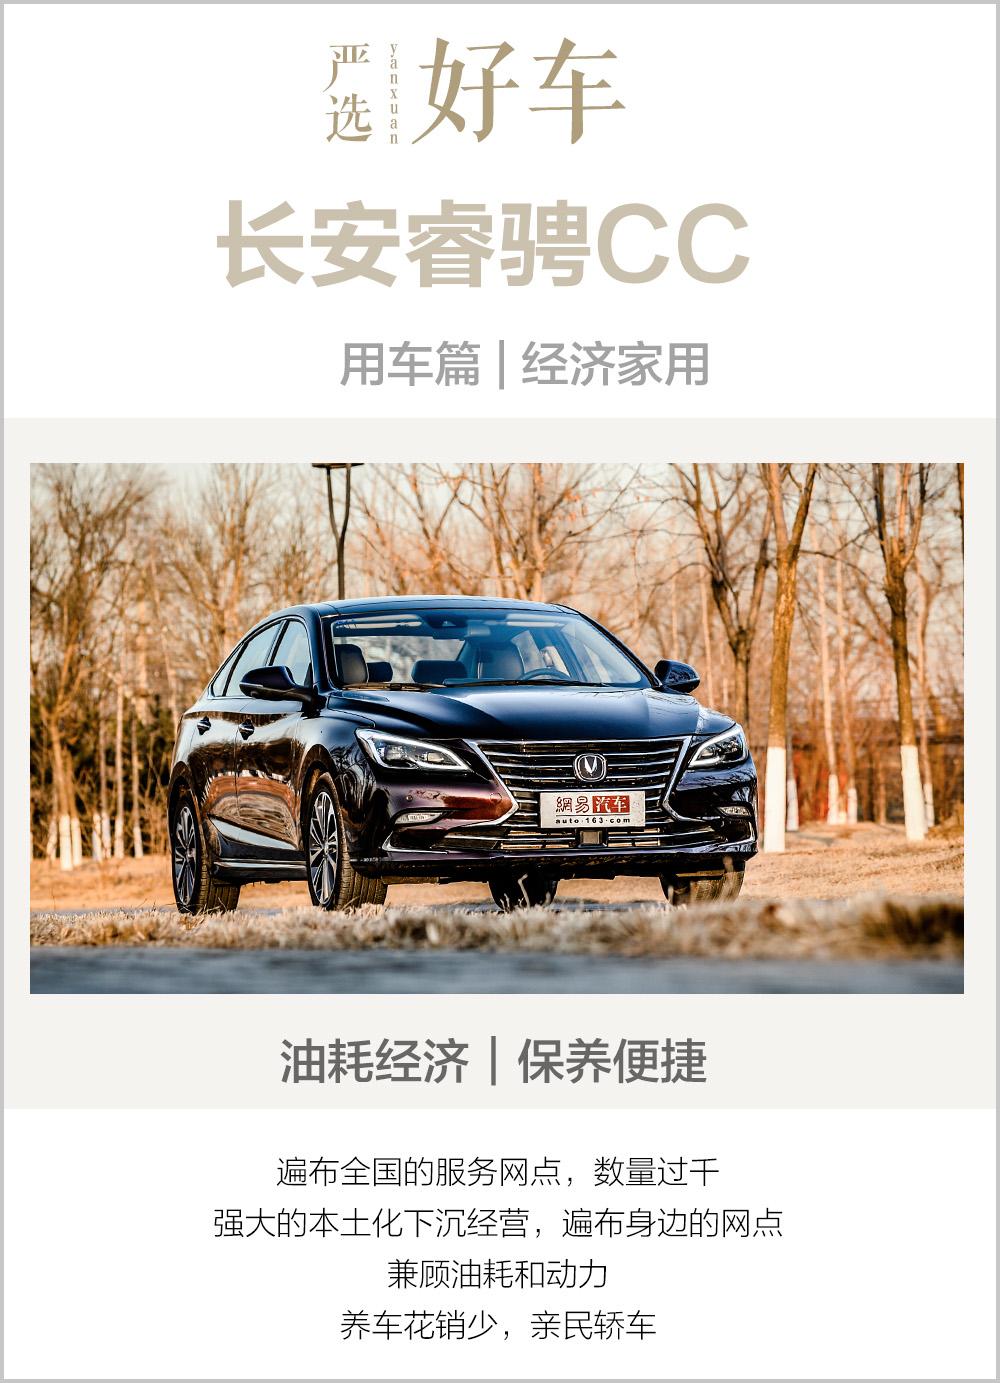 严选好车之睿骋CC 用车成本处同级优势位